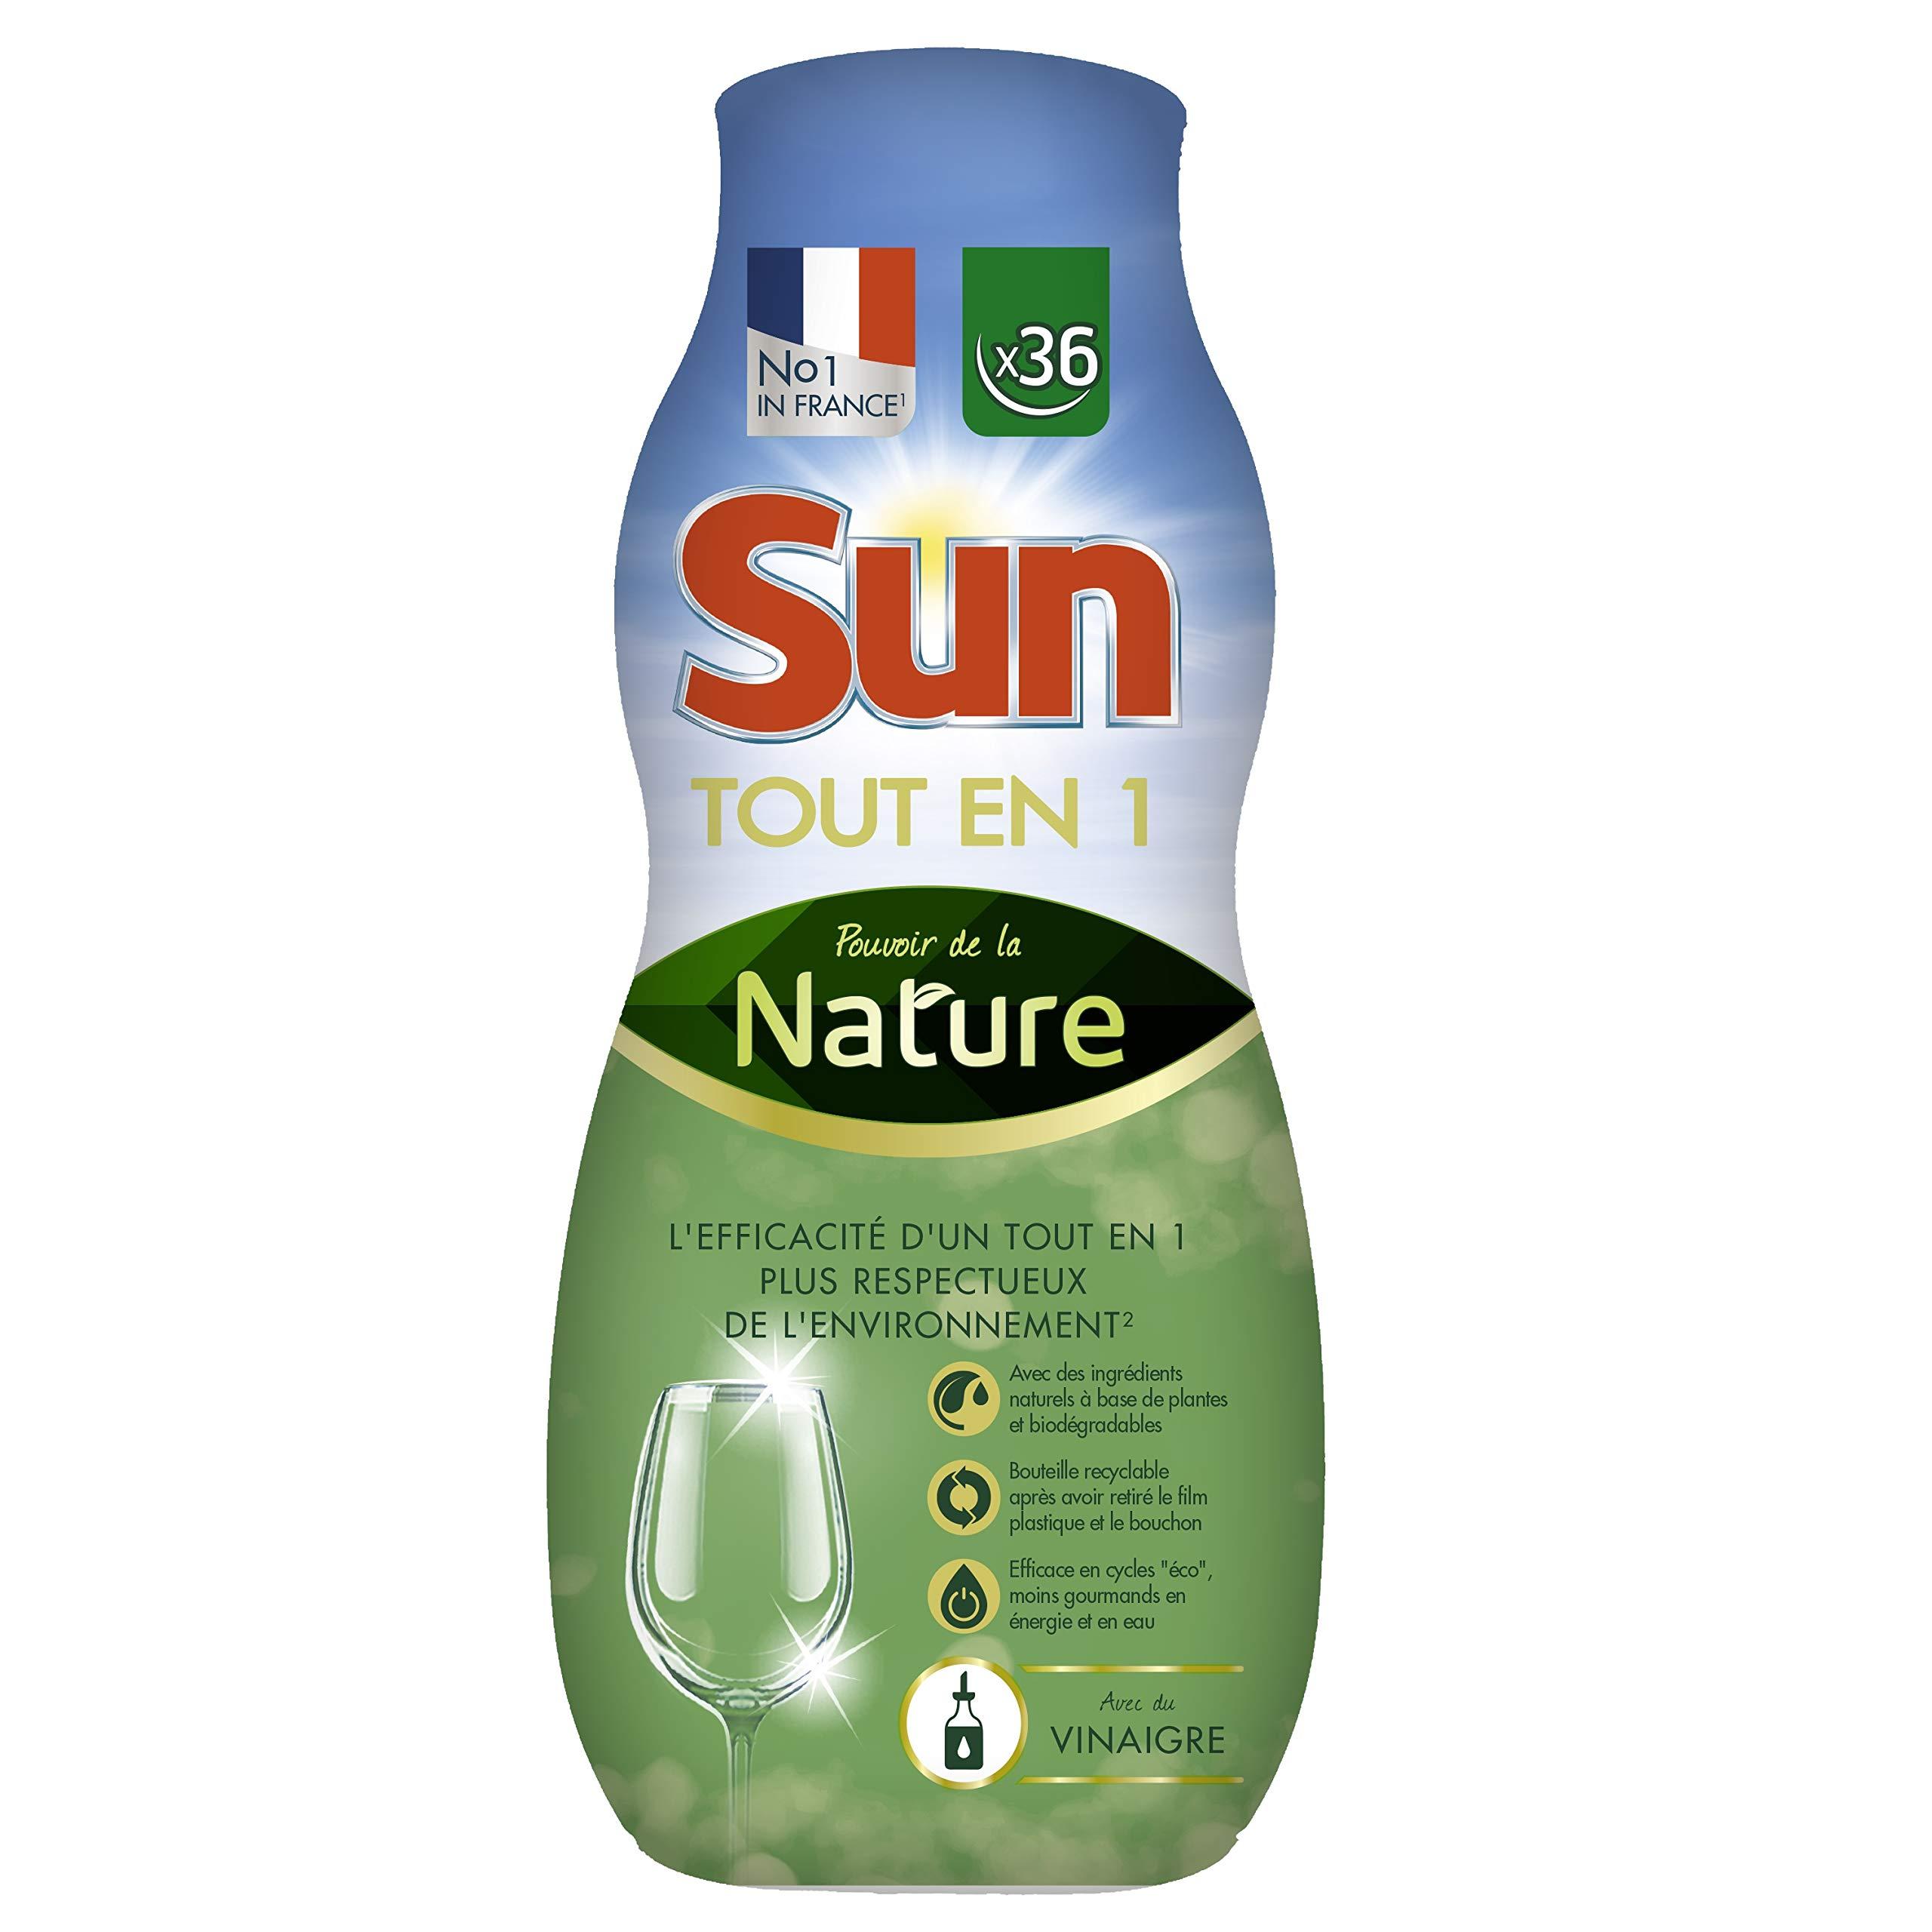 Sun Tout-En-1 Gel Lave-Vaisselle Pouvoir de la Nature au Vinaigre, Ingrédients d'Origine Naturelle 36 Lavages